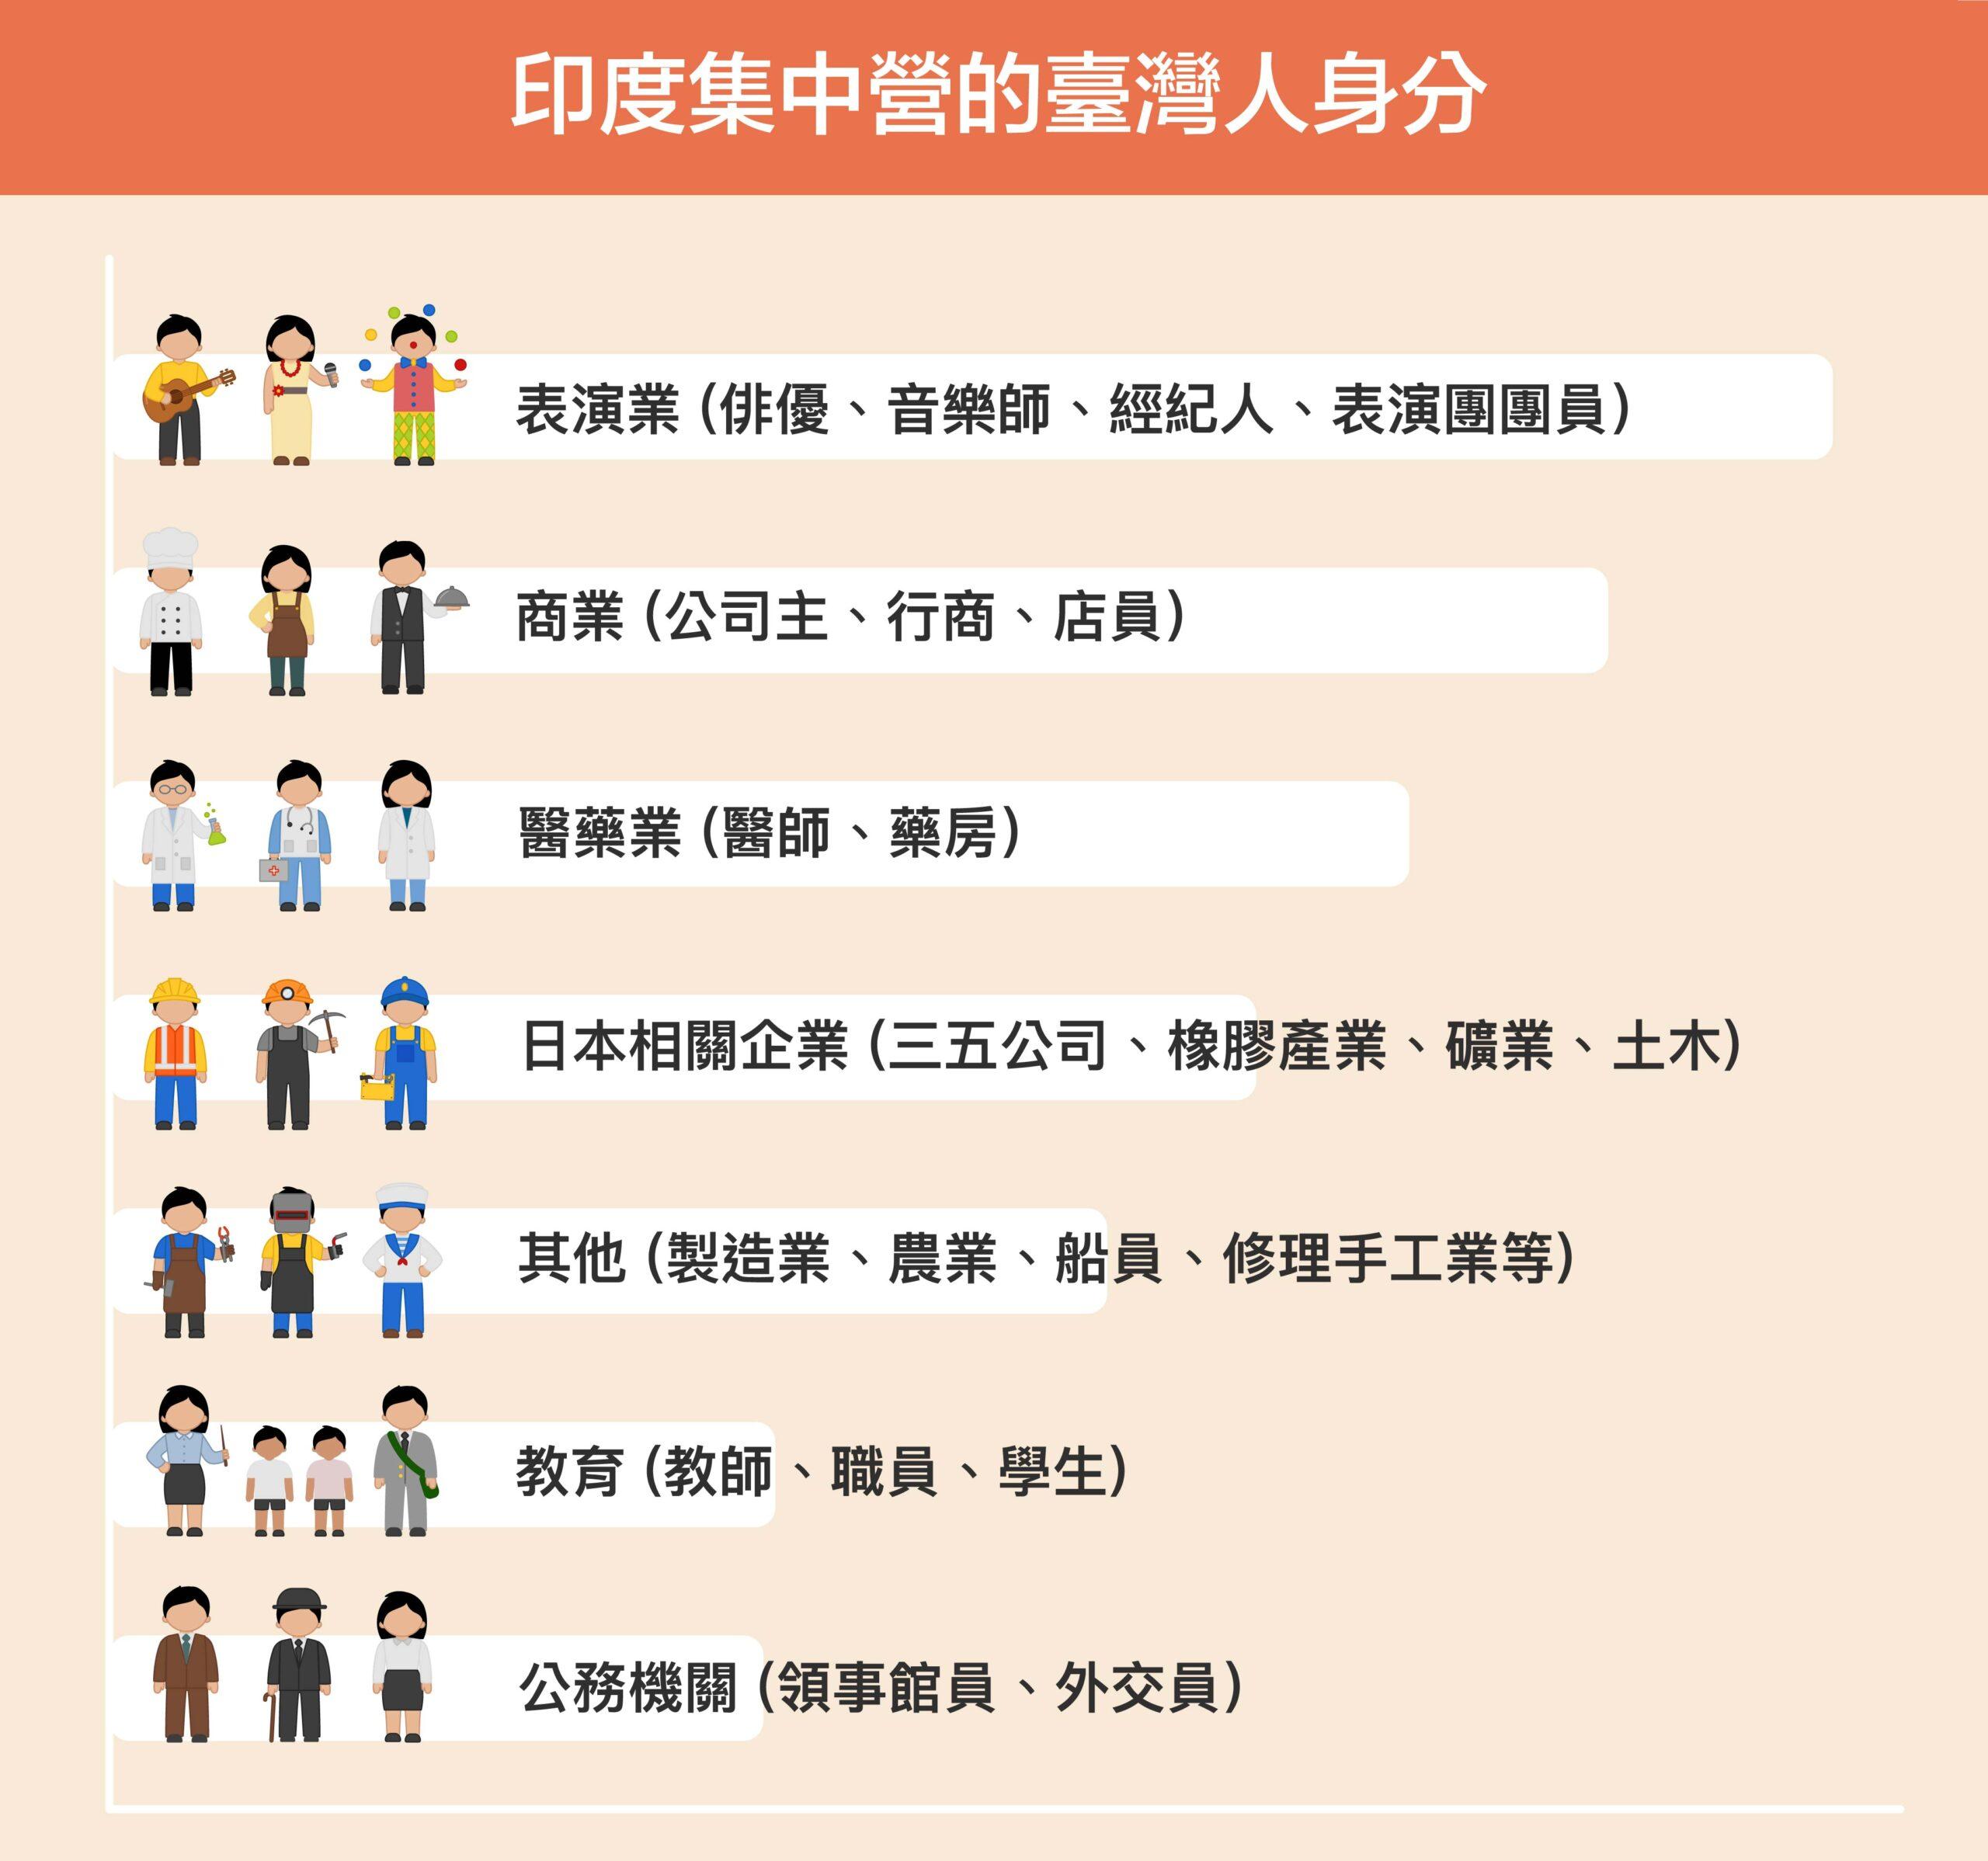 印度集中營裡,目前可知的臺灣人職業多數是演藝人員最多,也有不少行商、小老闆,另外還有少部分醫師、藥商以及日本企業中的工頭領班。圖│研之有物、iStock(資料來源│鍾淑敏)